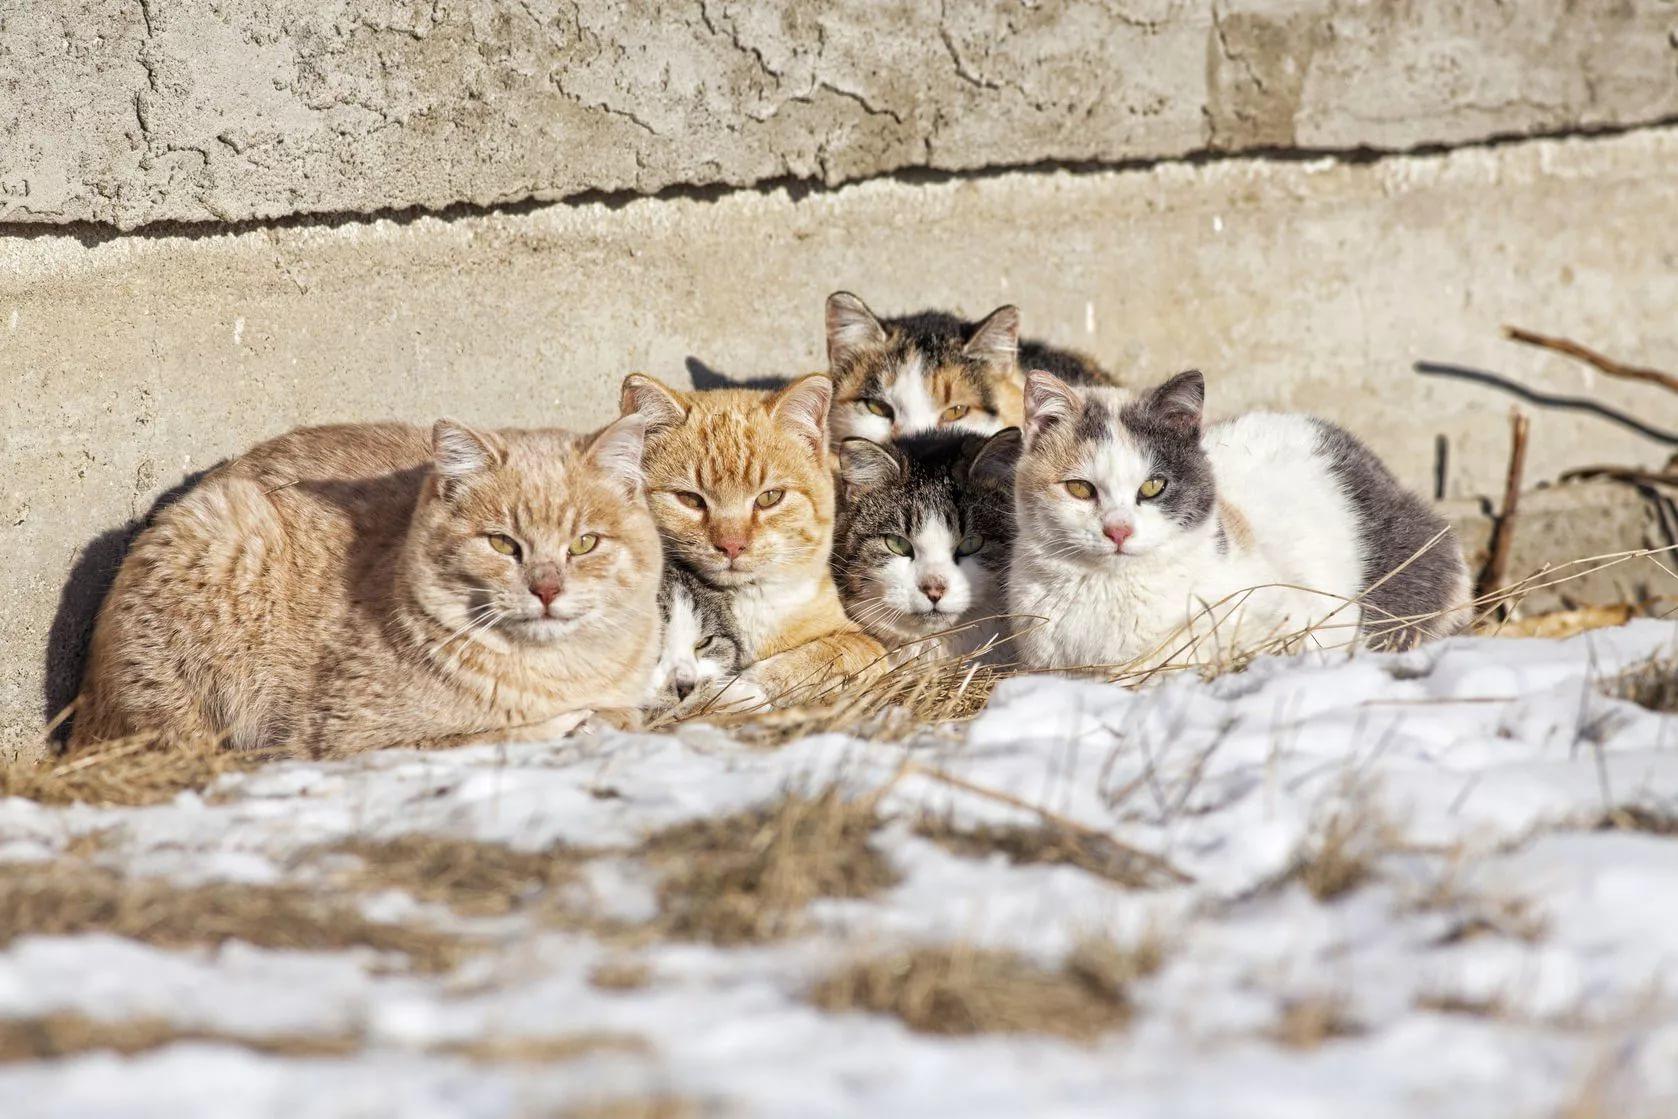 фото с бездомными кошками для ресторанов чаще